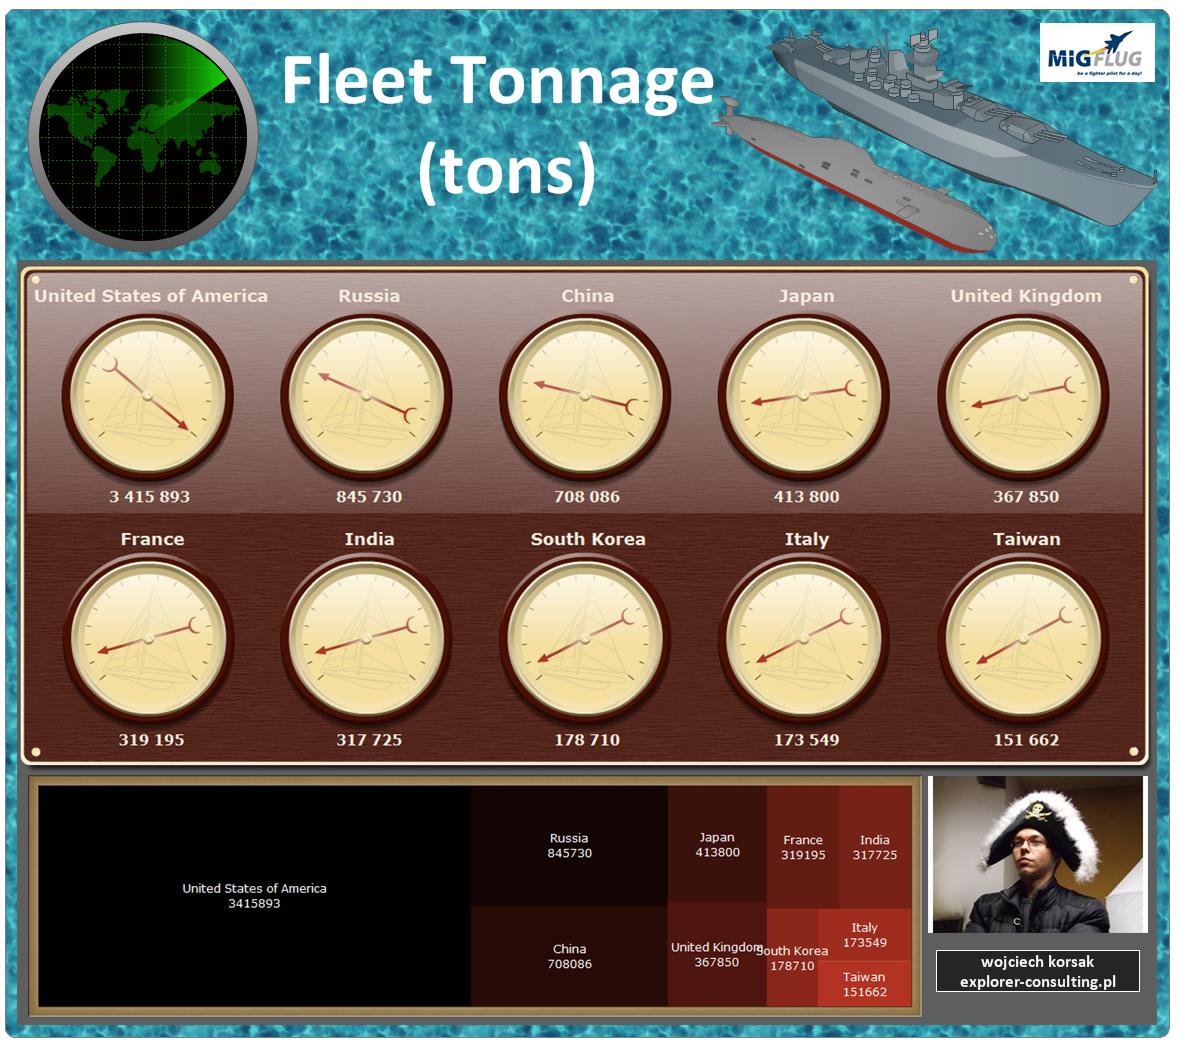 Navy Fleet tonnage comparison